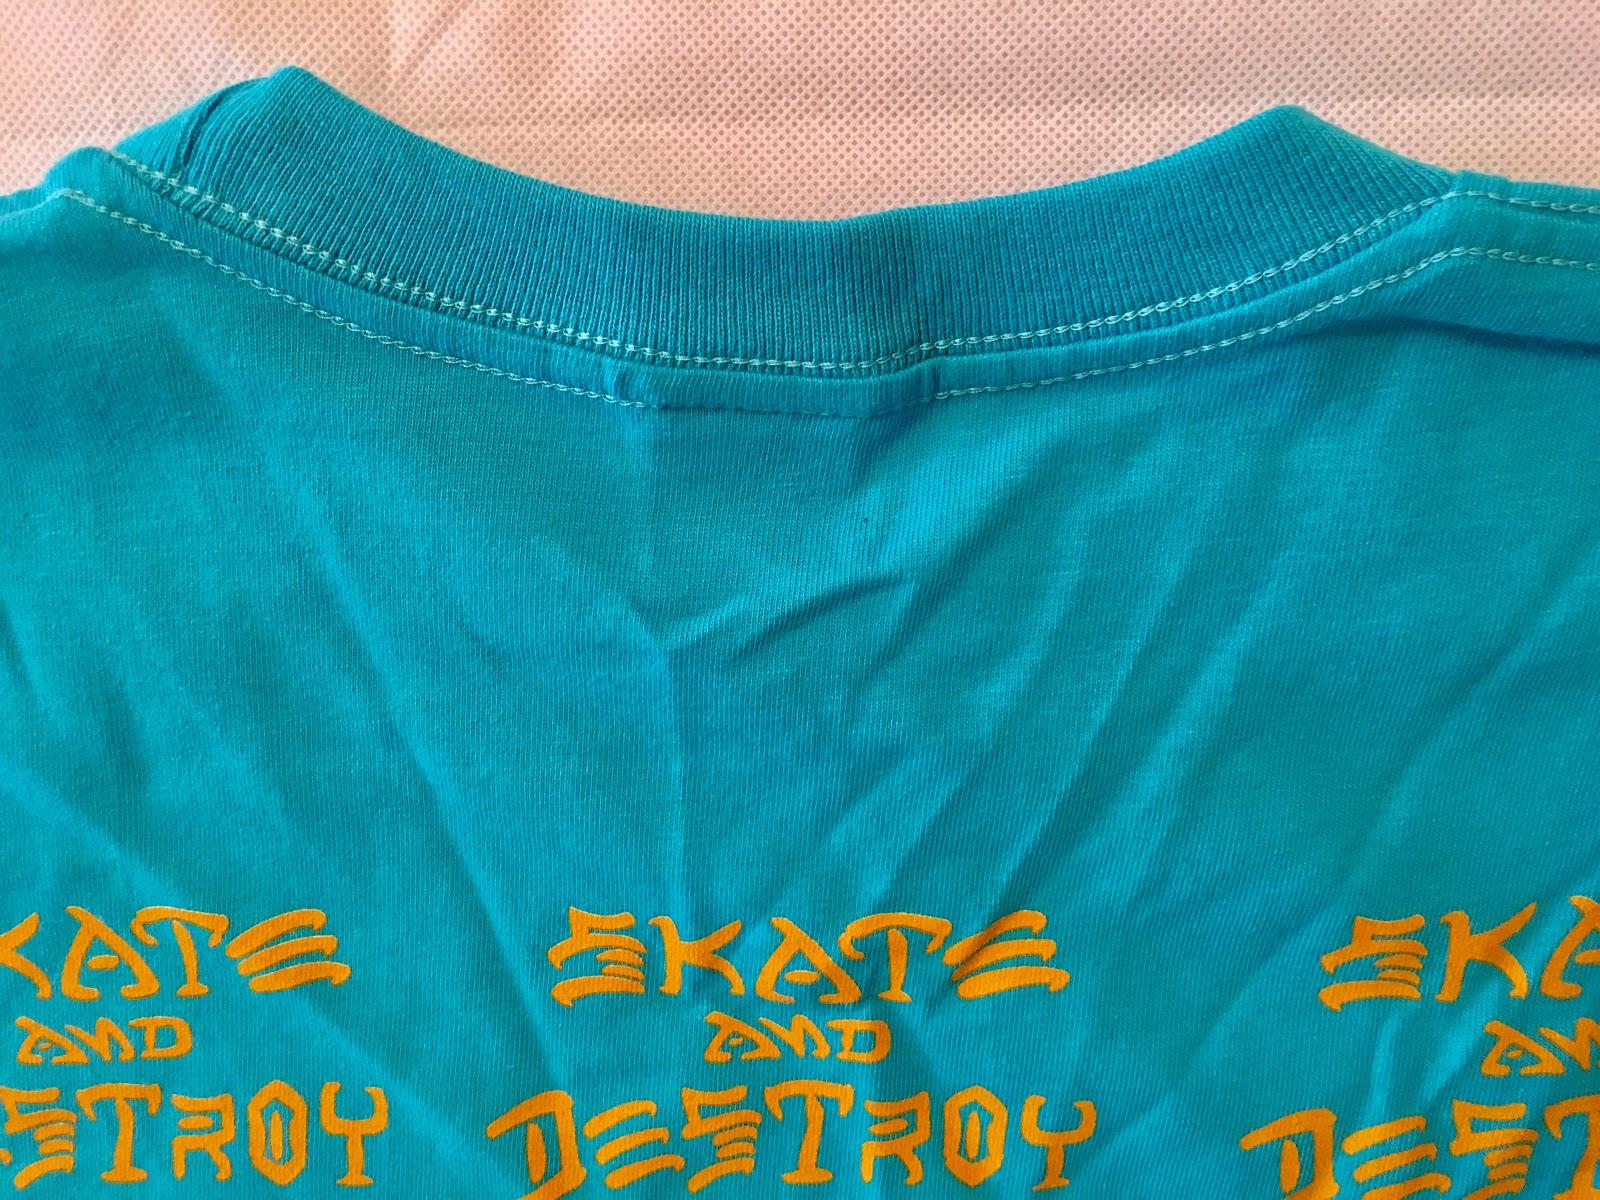 d30033edba2f68 Supreme x Thrasher 17SS Boyfriend Tshirt